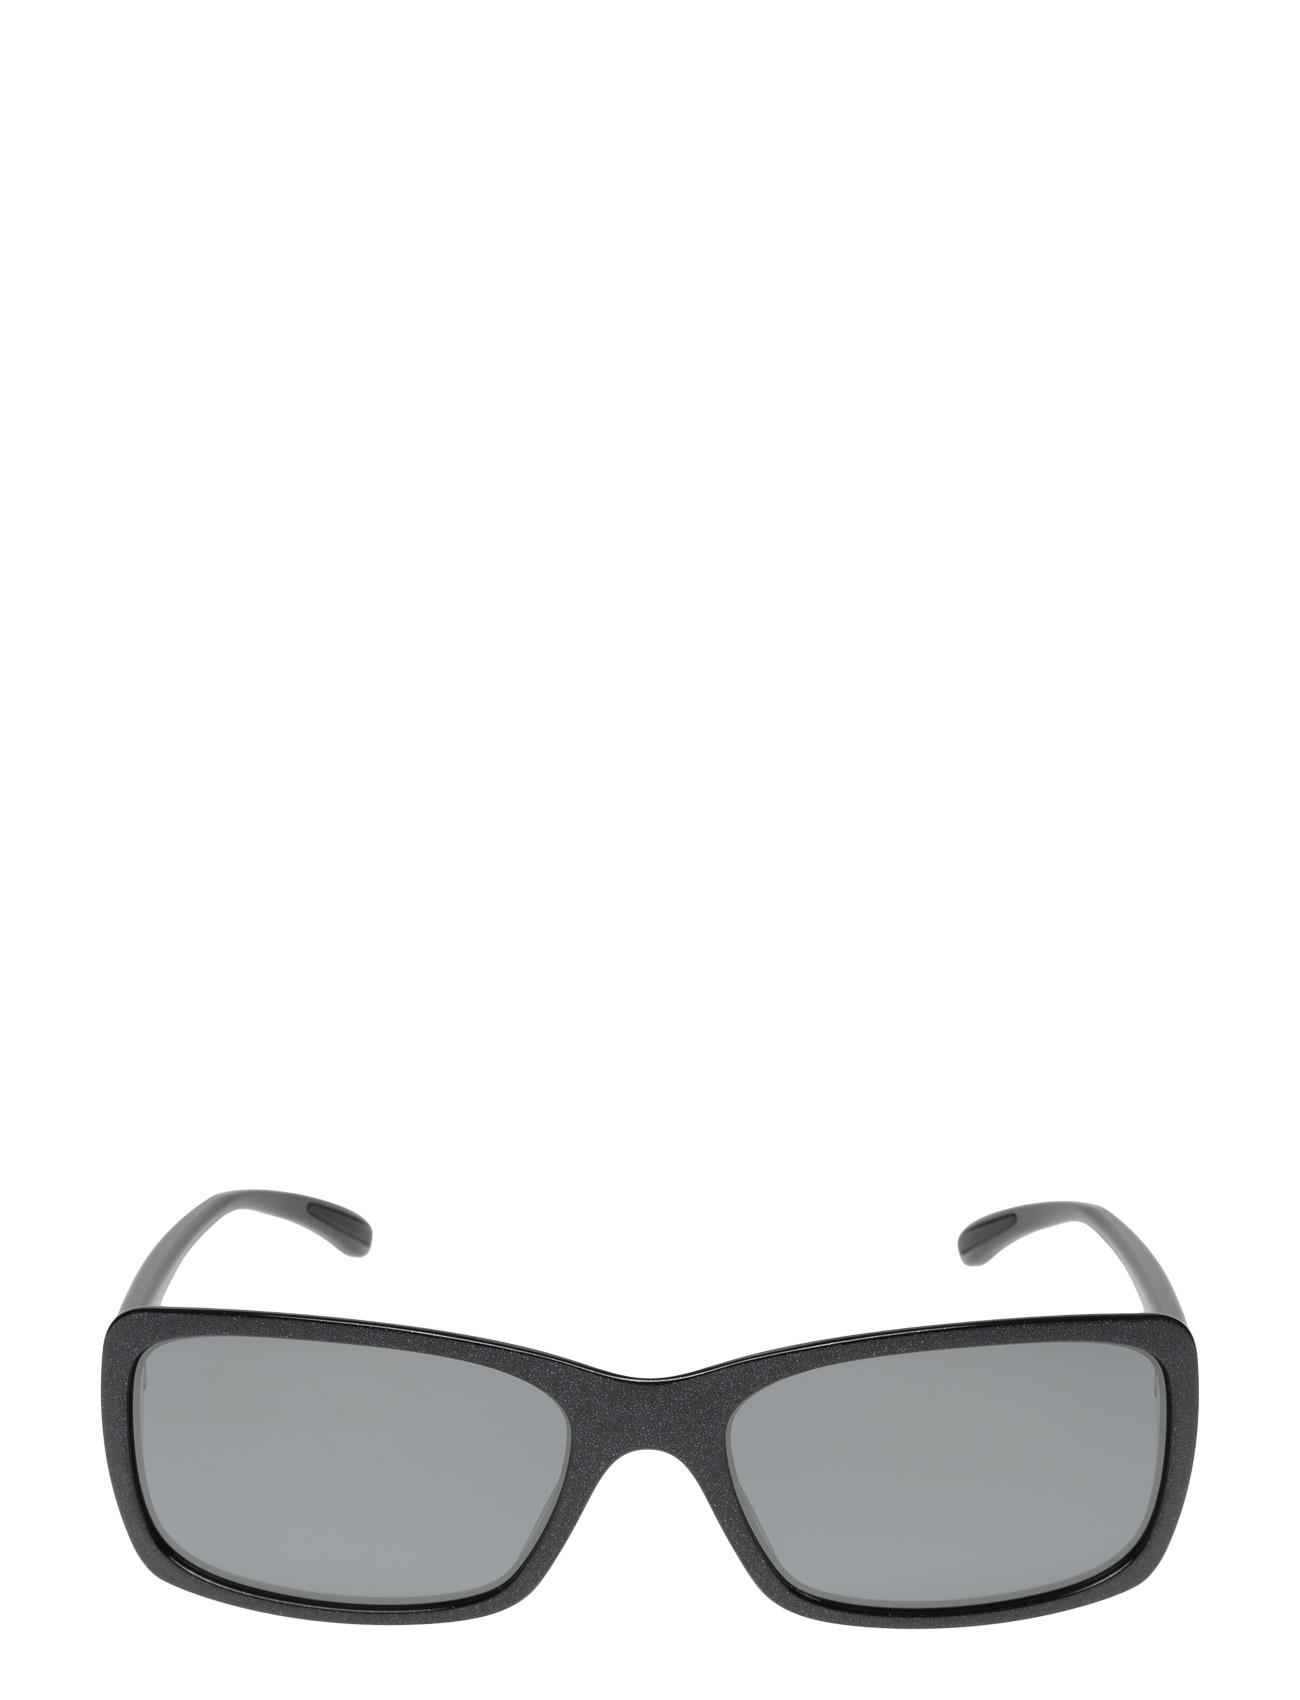 658e8750 Pass Solbriller Oakley Hall Mænd Til I 8nwN0mvO